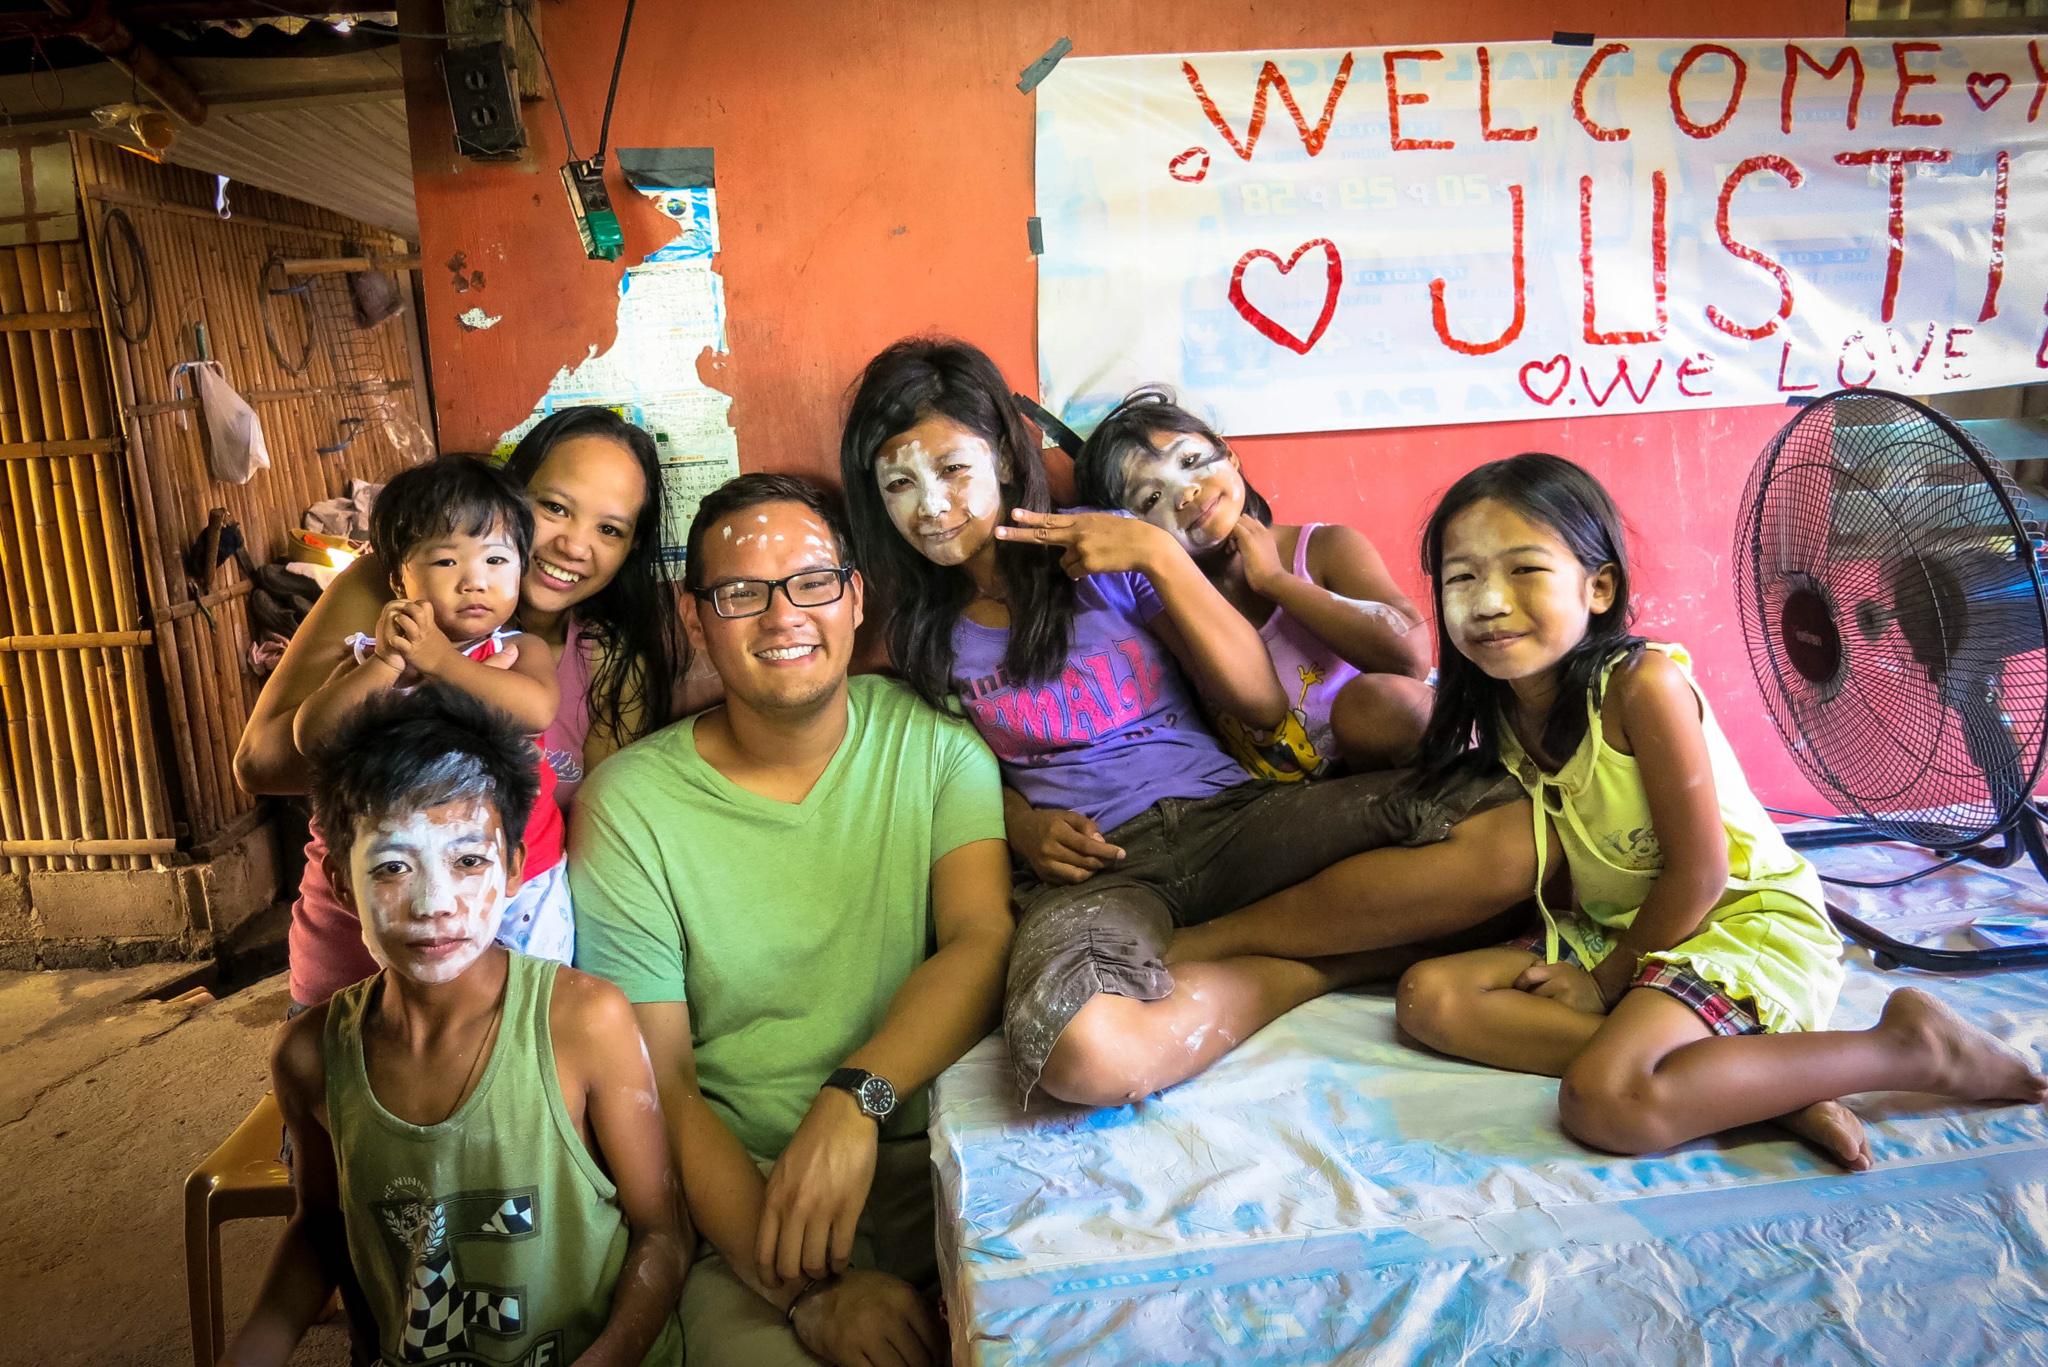 Hombre y un grupo de niños con los rostros pintados (Foto cedida por Justin Cagaoan)